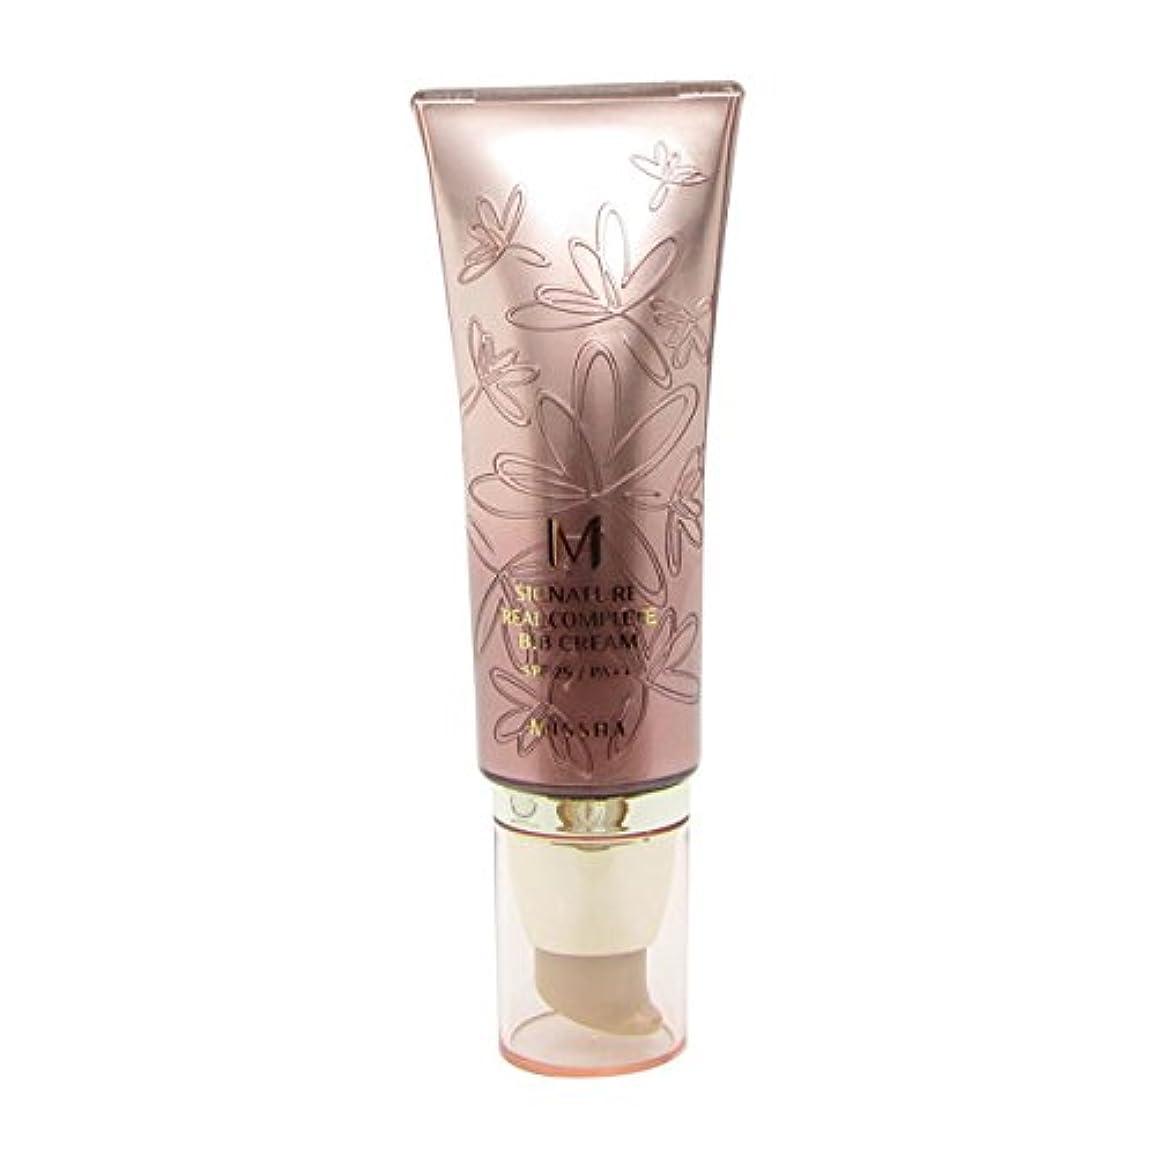 リップ容赦ない交じるMissha Signature Real Complete Bb Cream Fps25/pa++ No.13 Light Milky Beige 45g [並行輸入品]